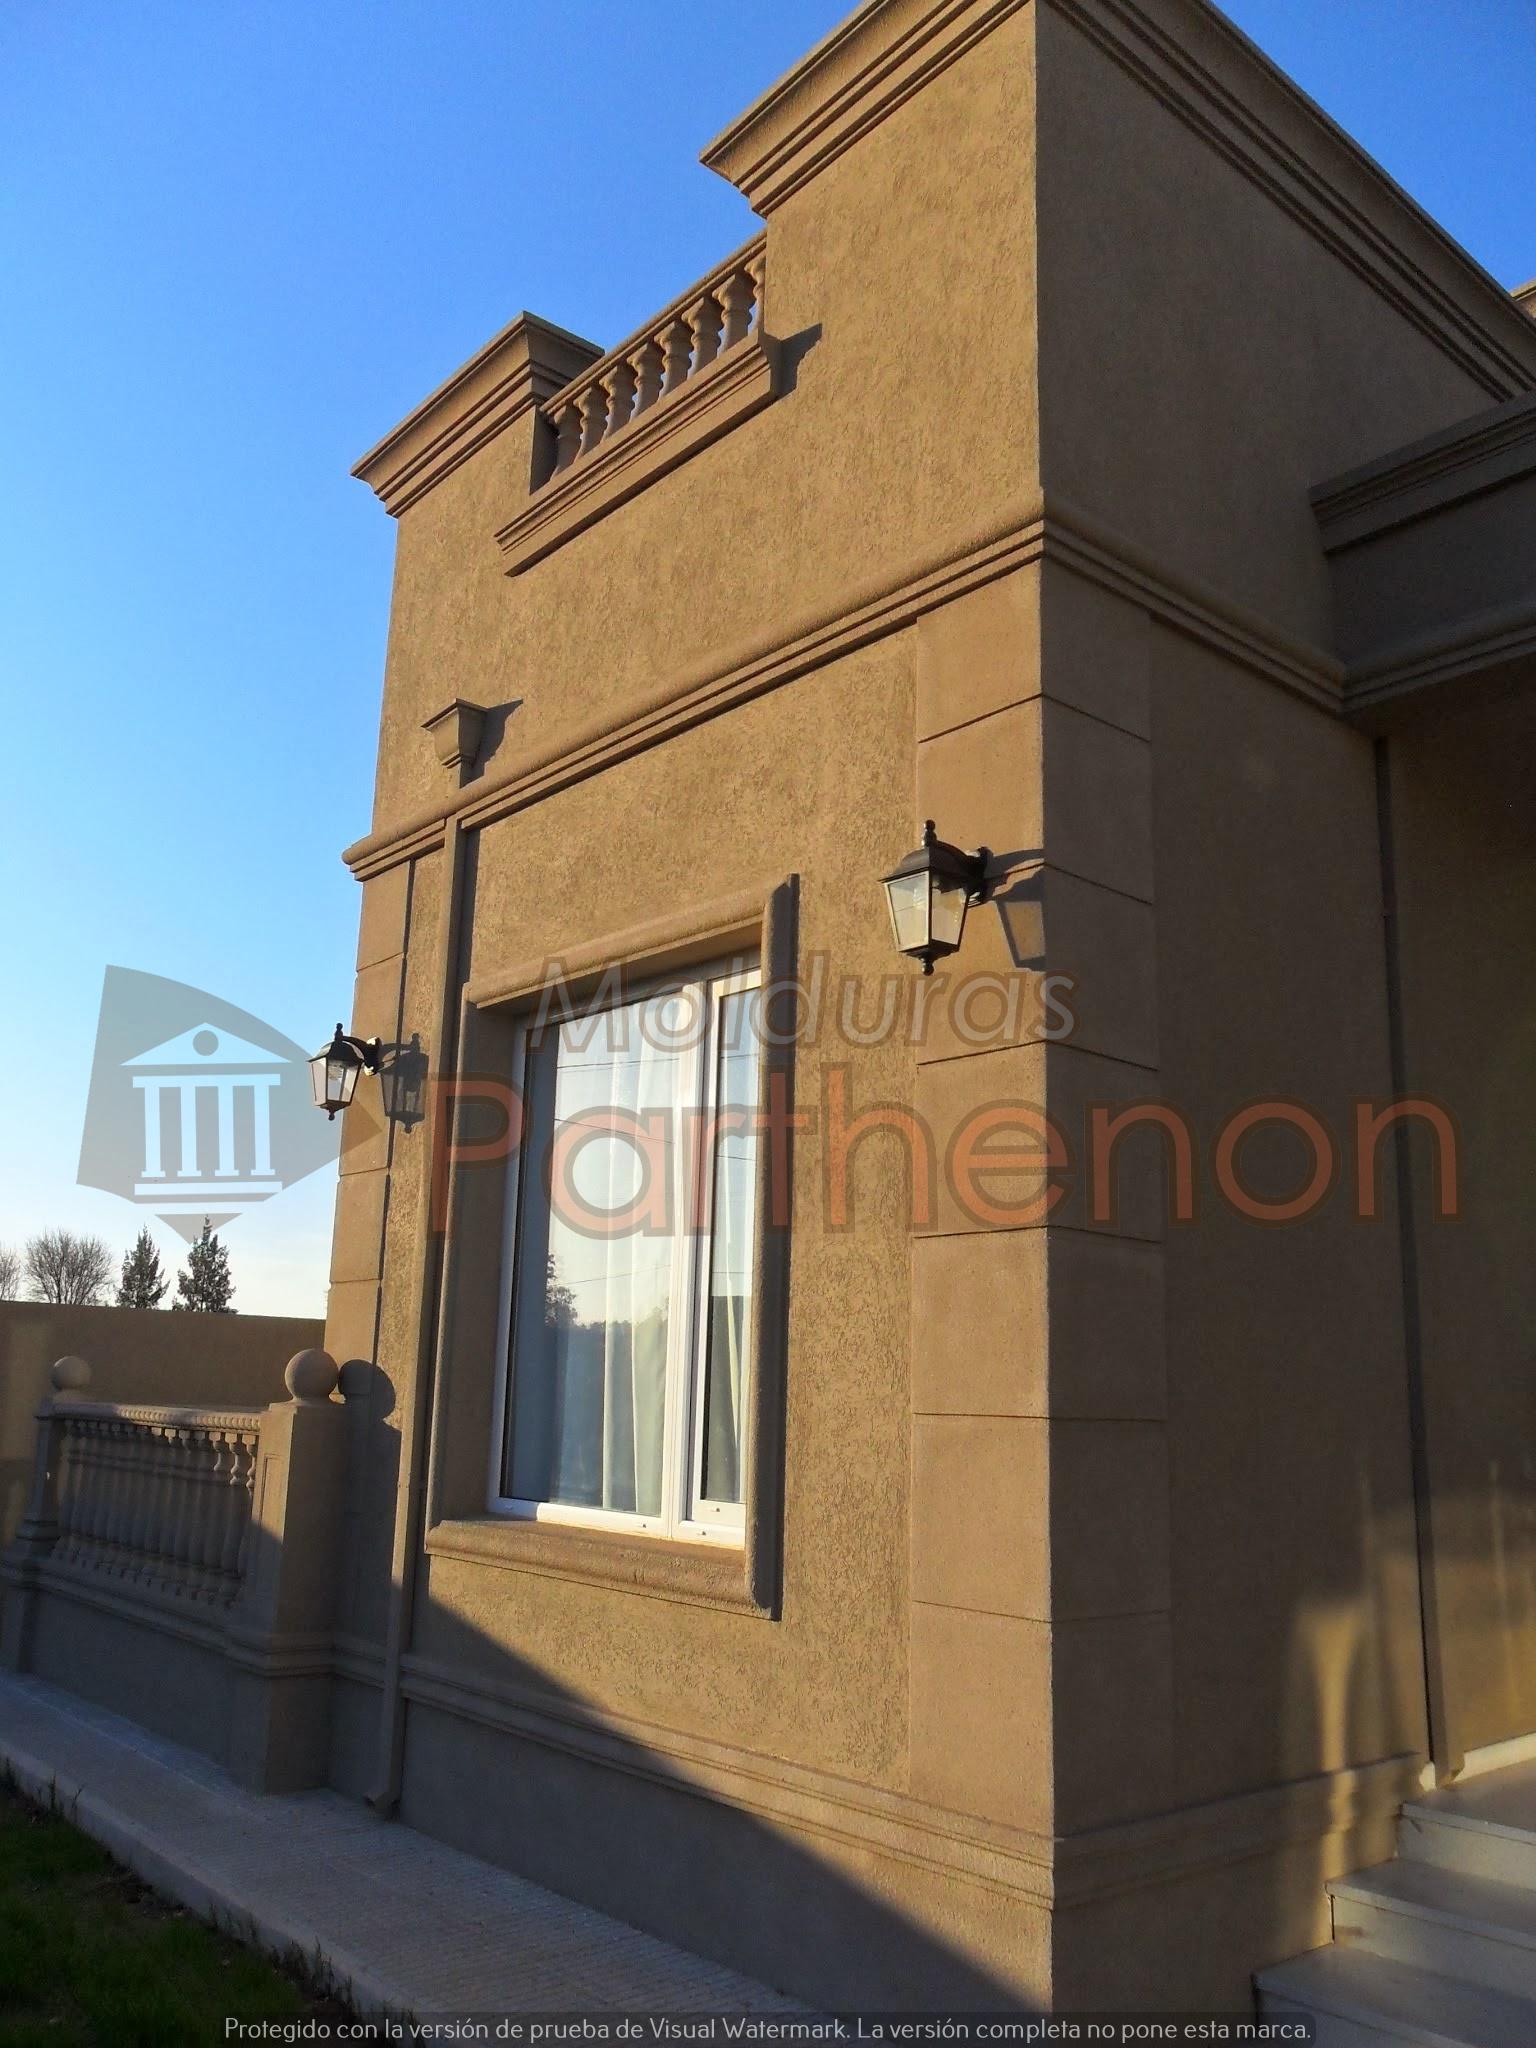 Zocalos De Fachadas De Casas Cheap Great Colores De Fachadas Gama - Zocalos-de-fachadas